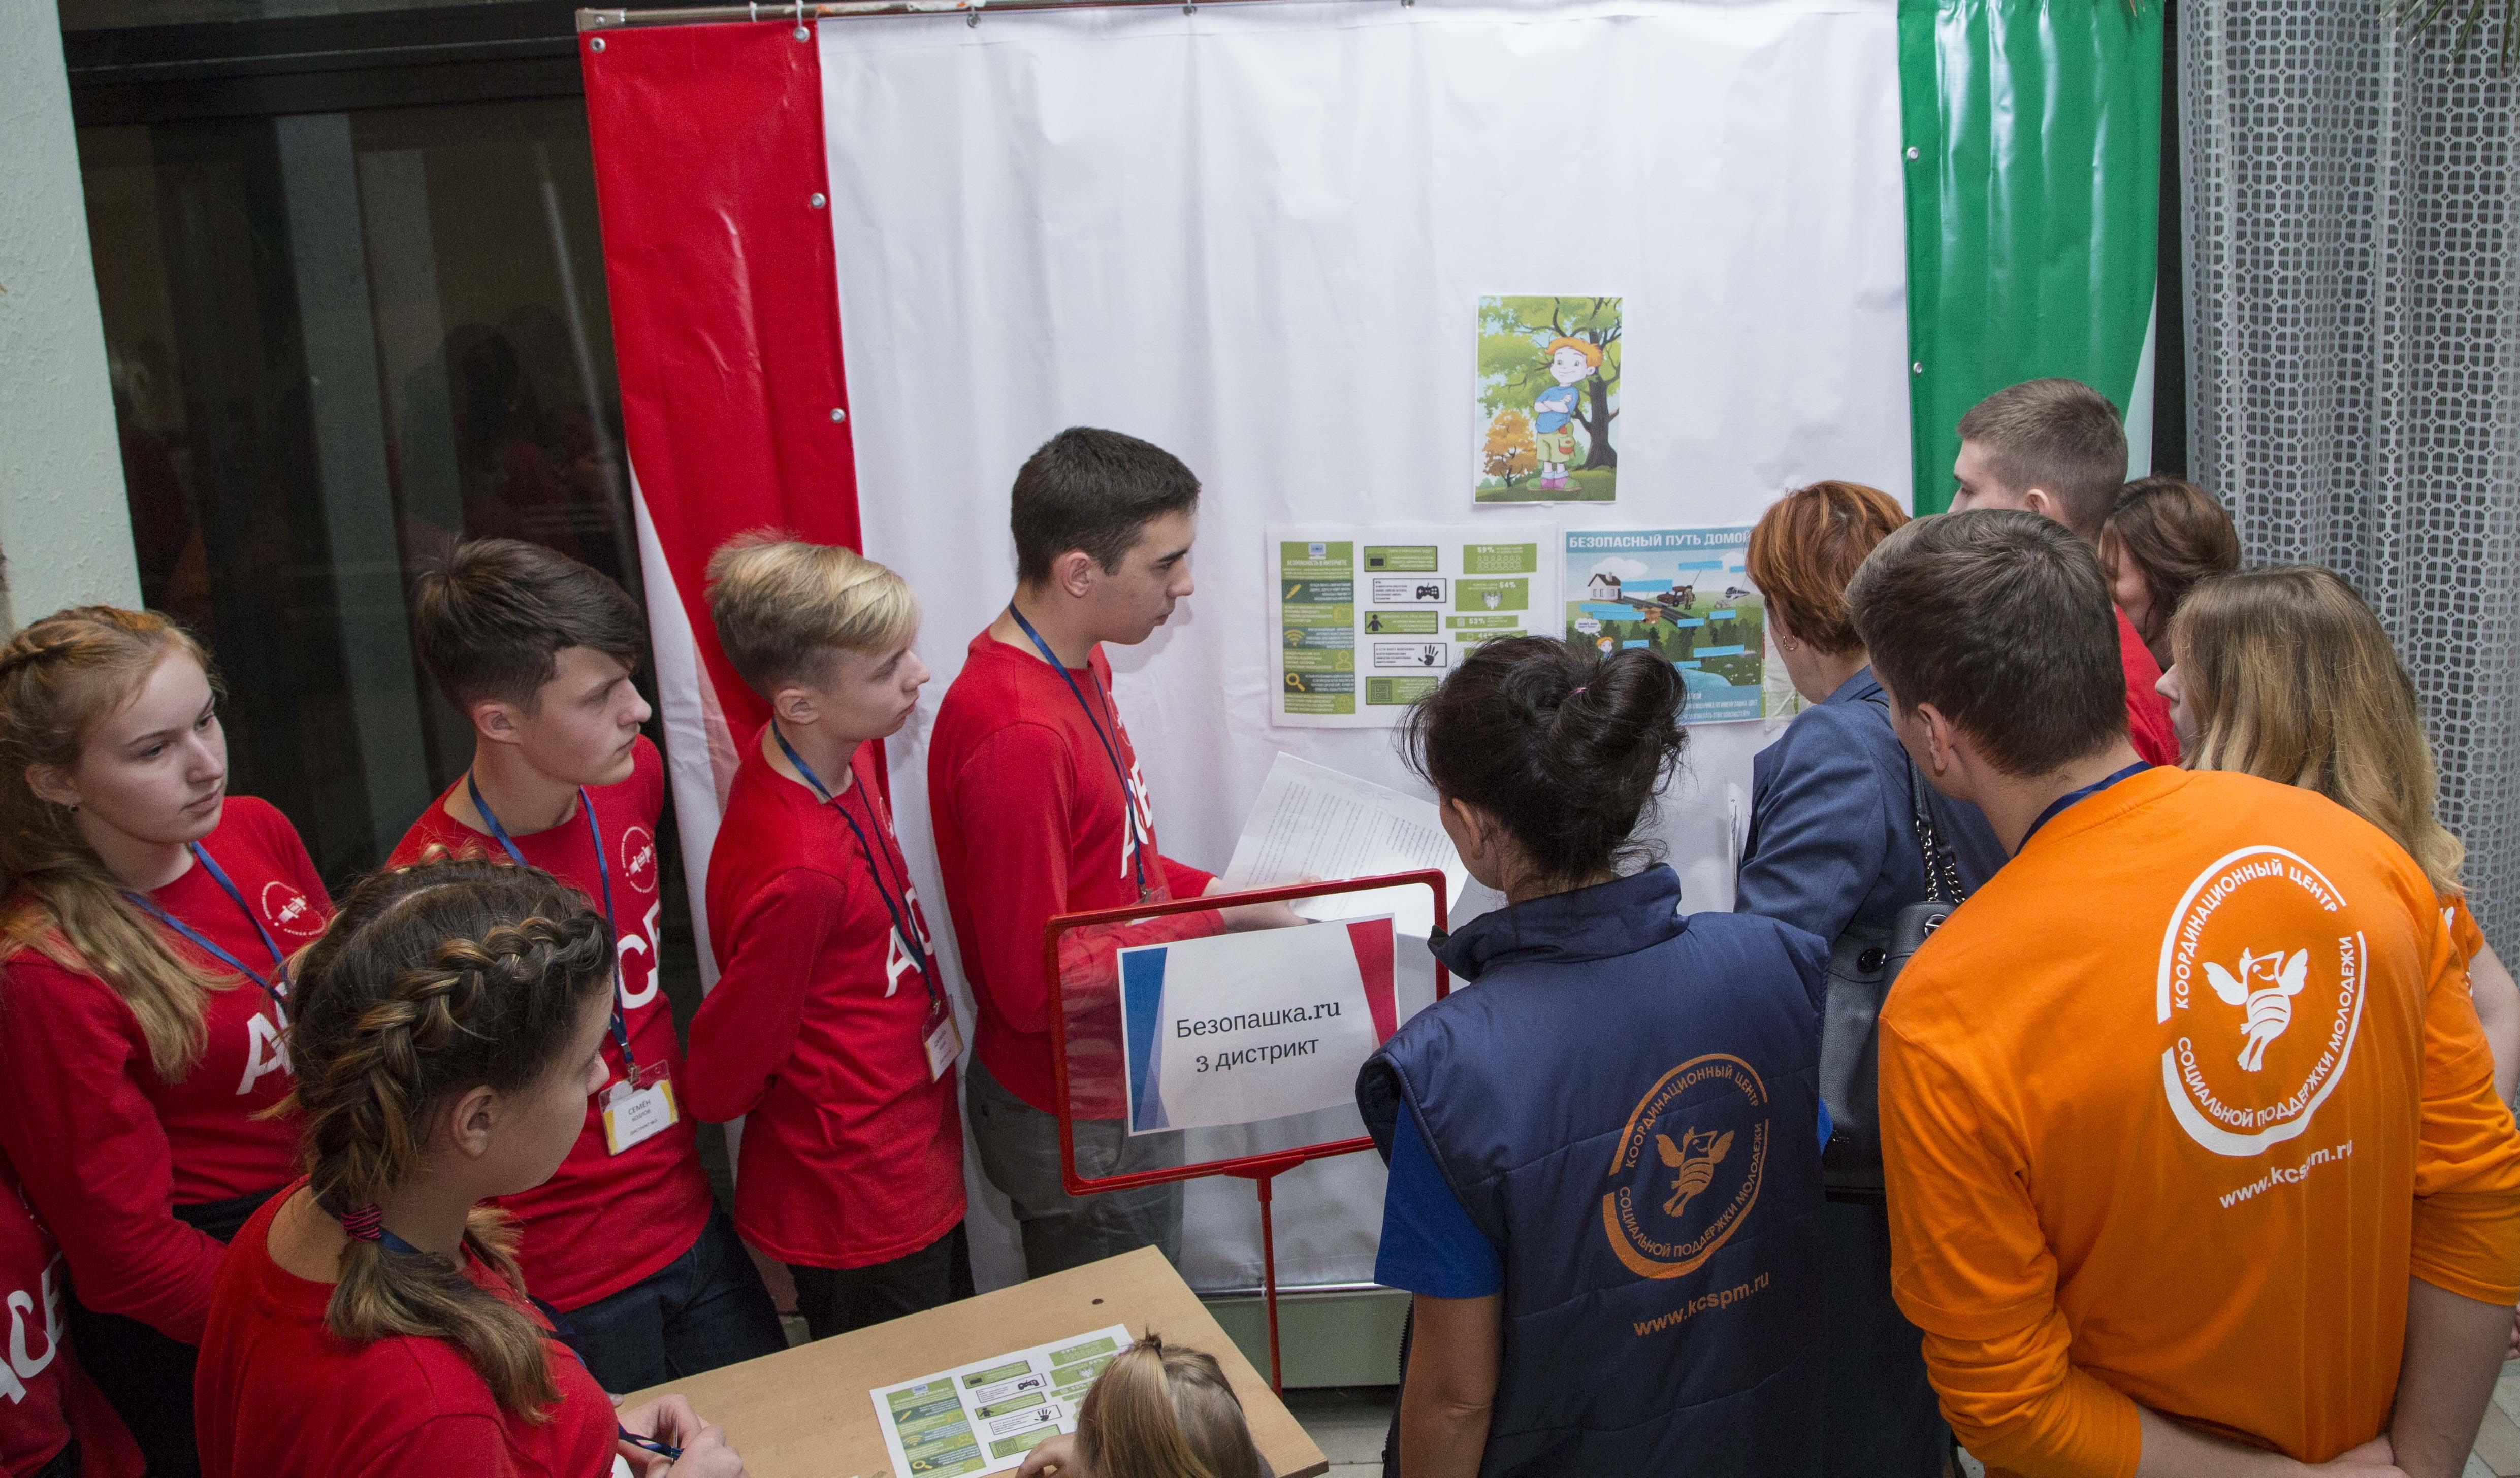 Фестиваль детских проектов В Наукограде